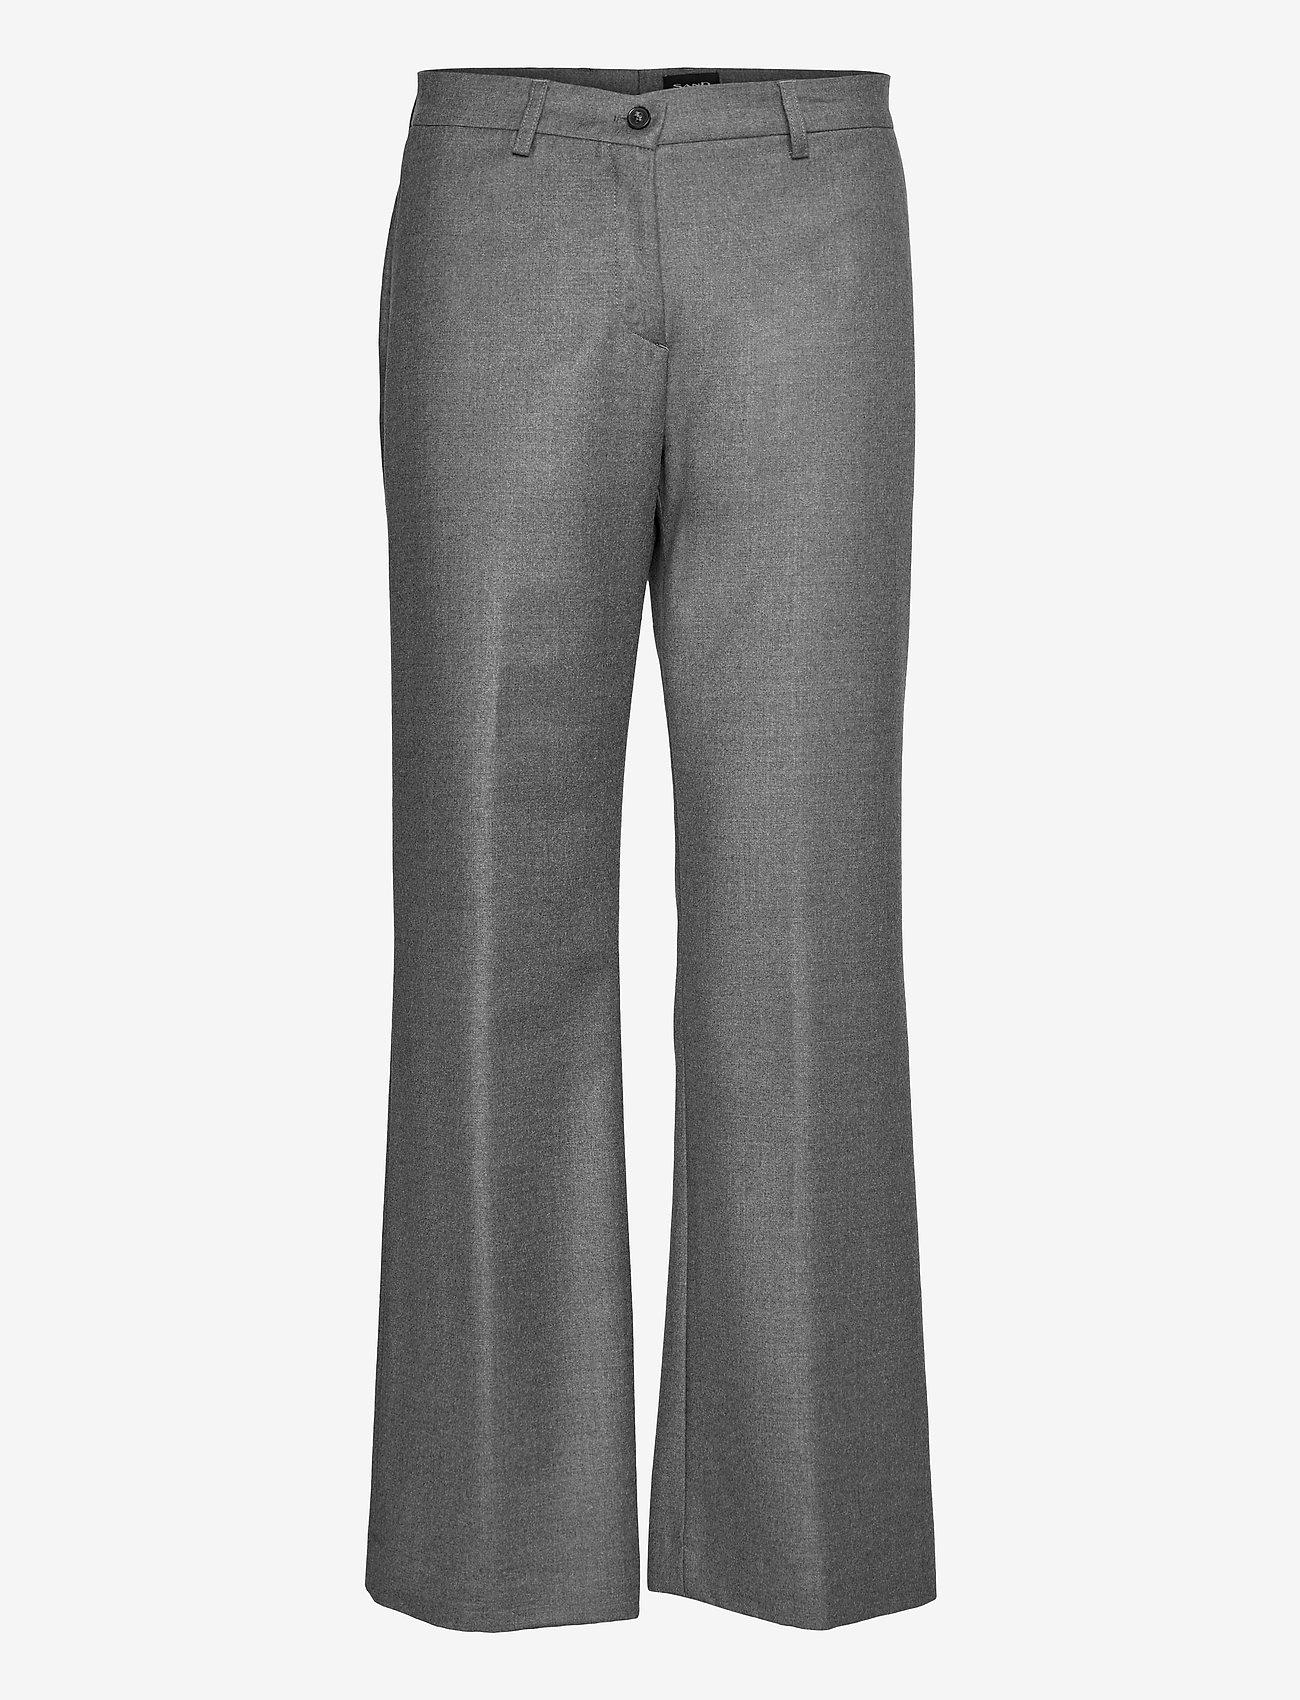 SAND - 1698 - Sasha Tailored - uitlopende broeken - grey - 0